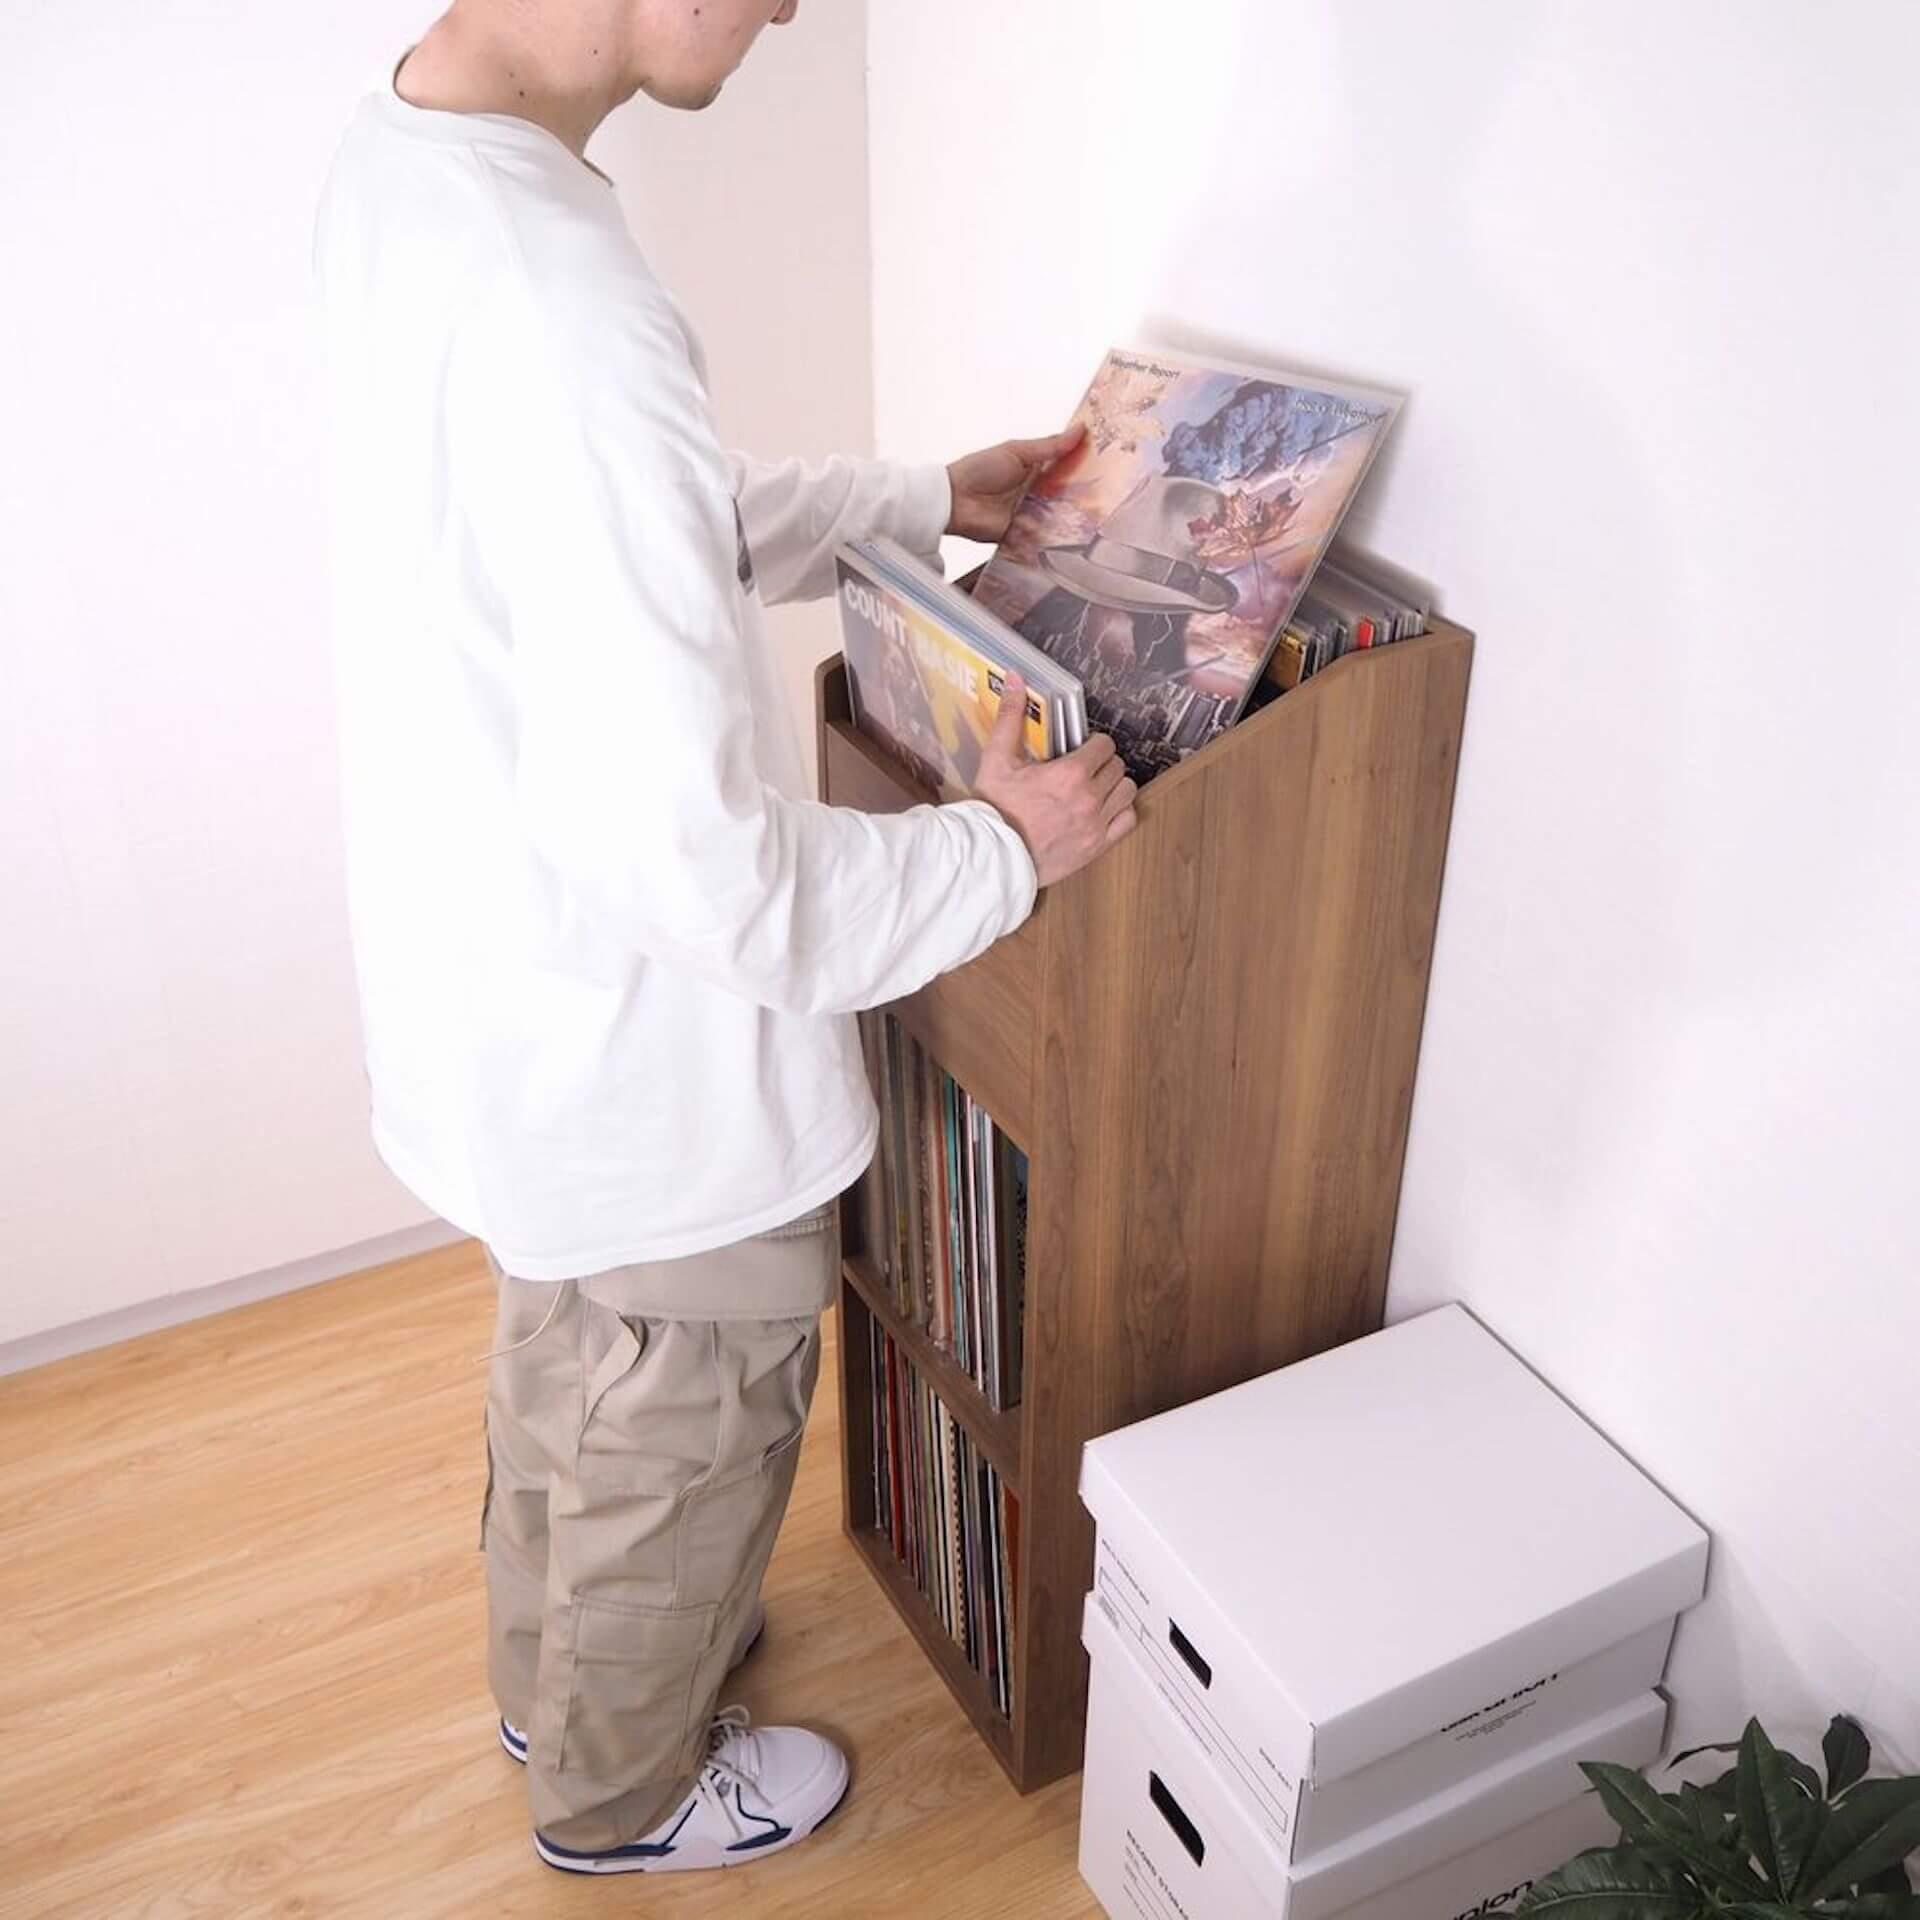 CD・レコードの収納用品に特化したディスクユニオン収納ストアが新宿にオープン!一部商品の情報も解禁 culture210624_diskunion5